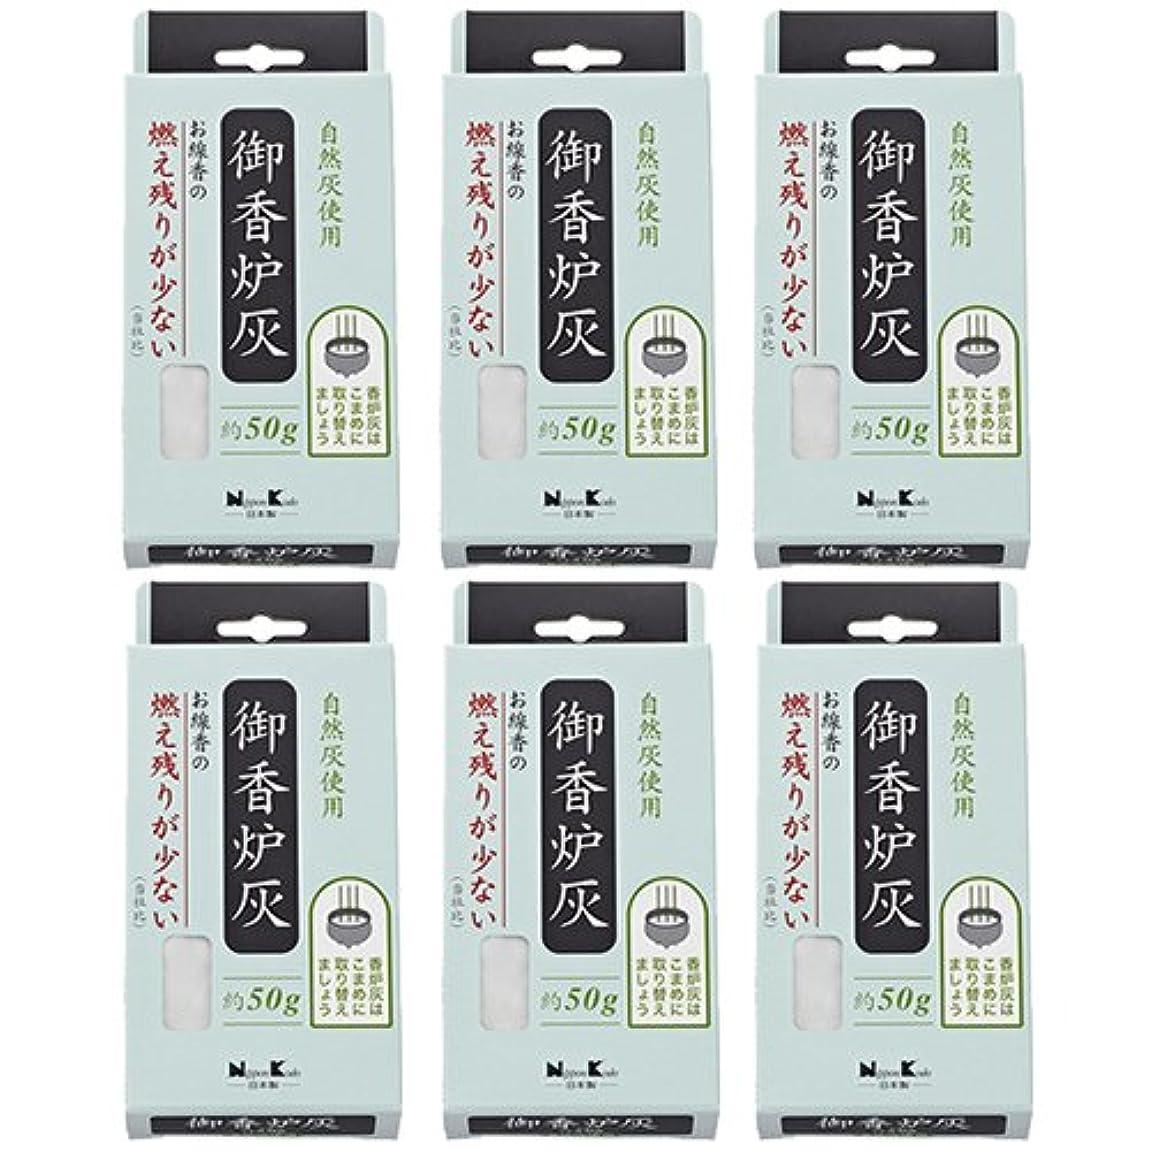 連帯高価な前提条件【日本香堂】香炉 燃え残りが少ない御香炉灰 約50g入 6個セット